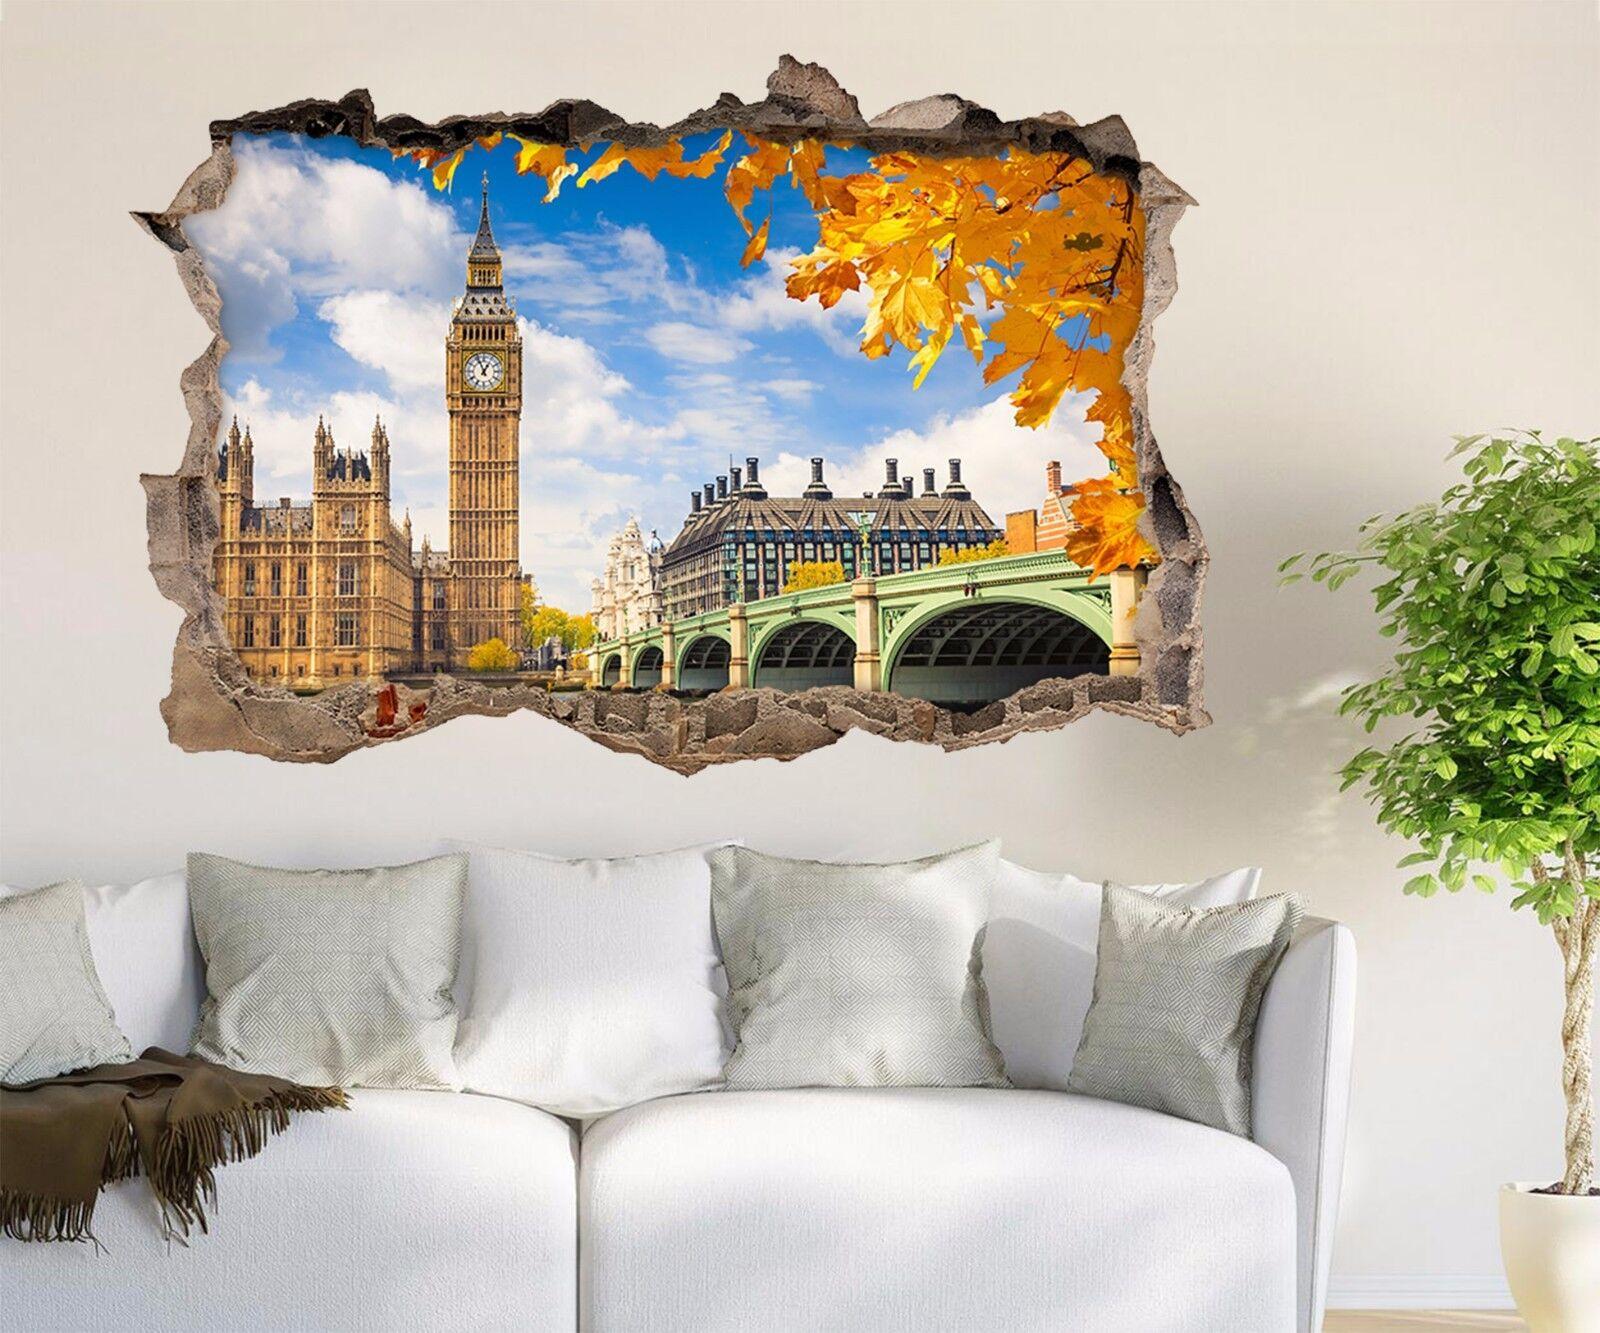 3D Herbst Big Ben 8 Mauer Murals Mauer Aufklebe Decal Durchbruch AJ WALLPAPER DE